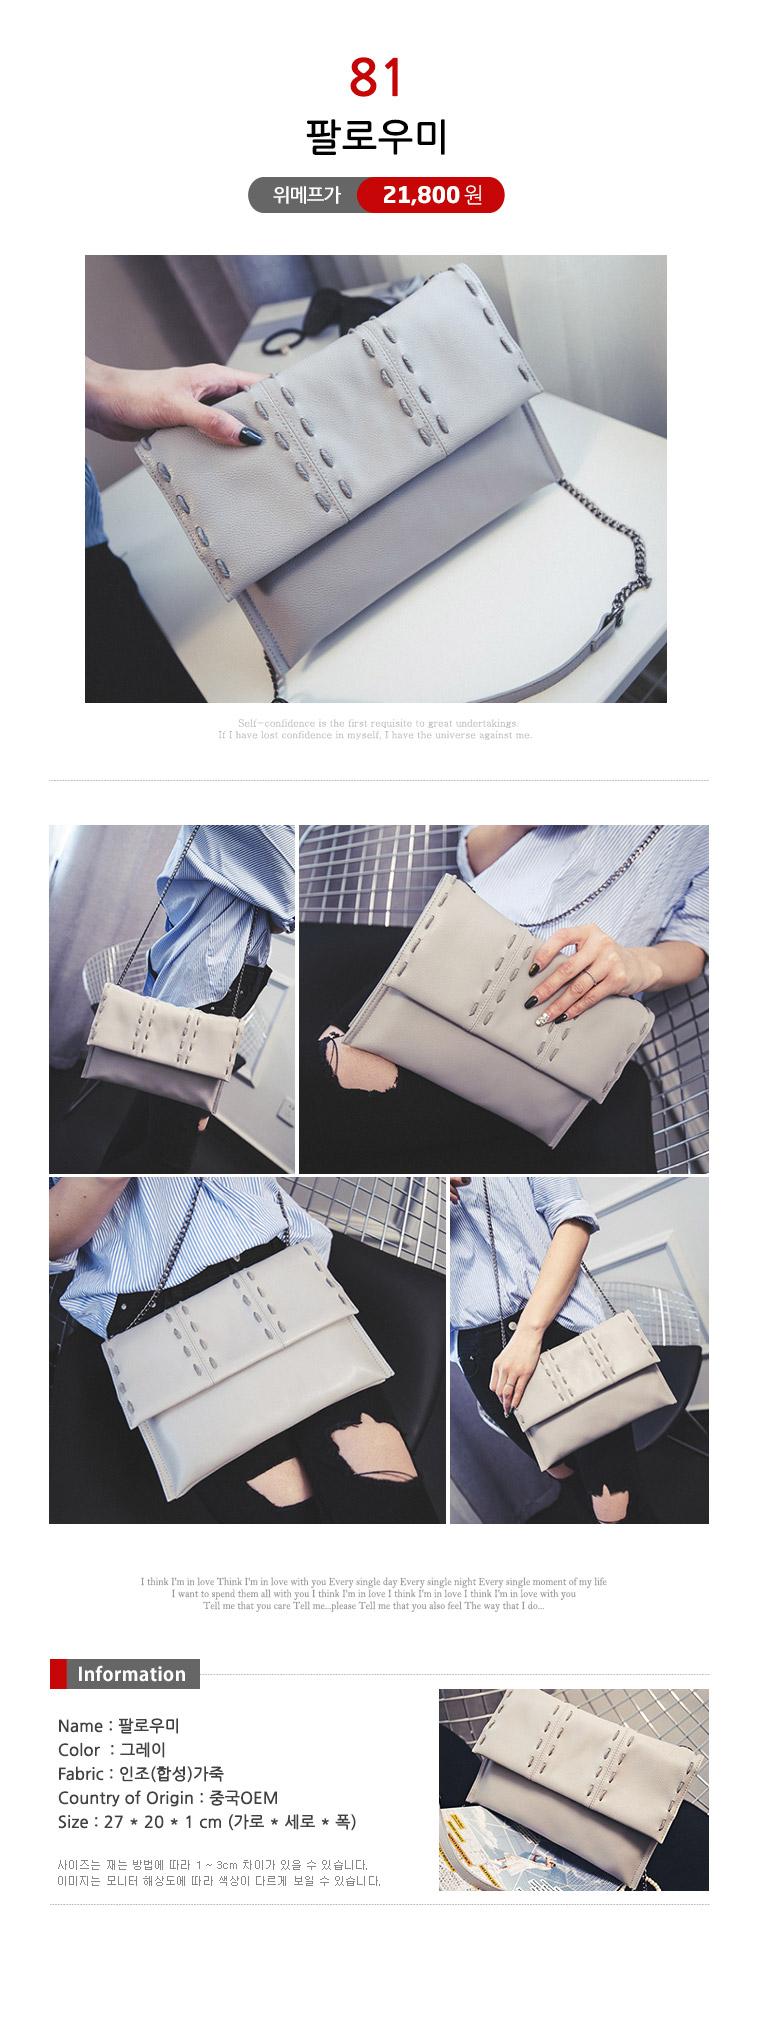 [무료배송] 지바이 여성가방 땡처리! - 상세정보